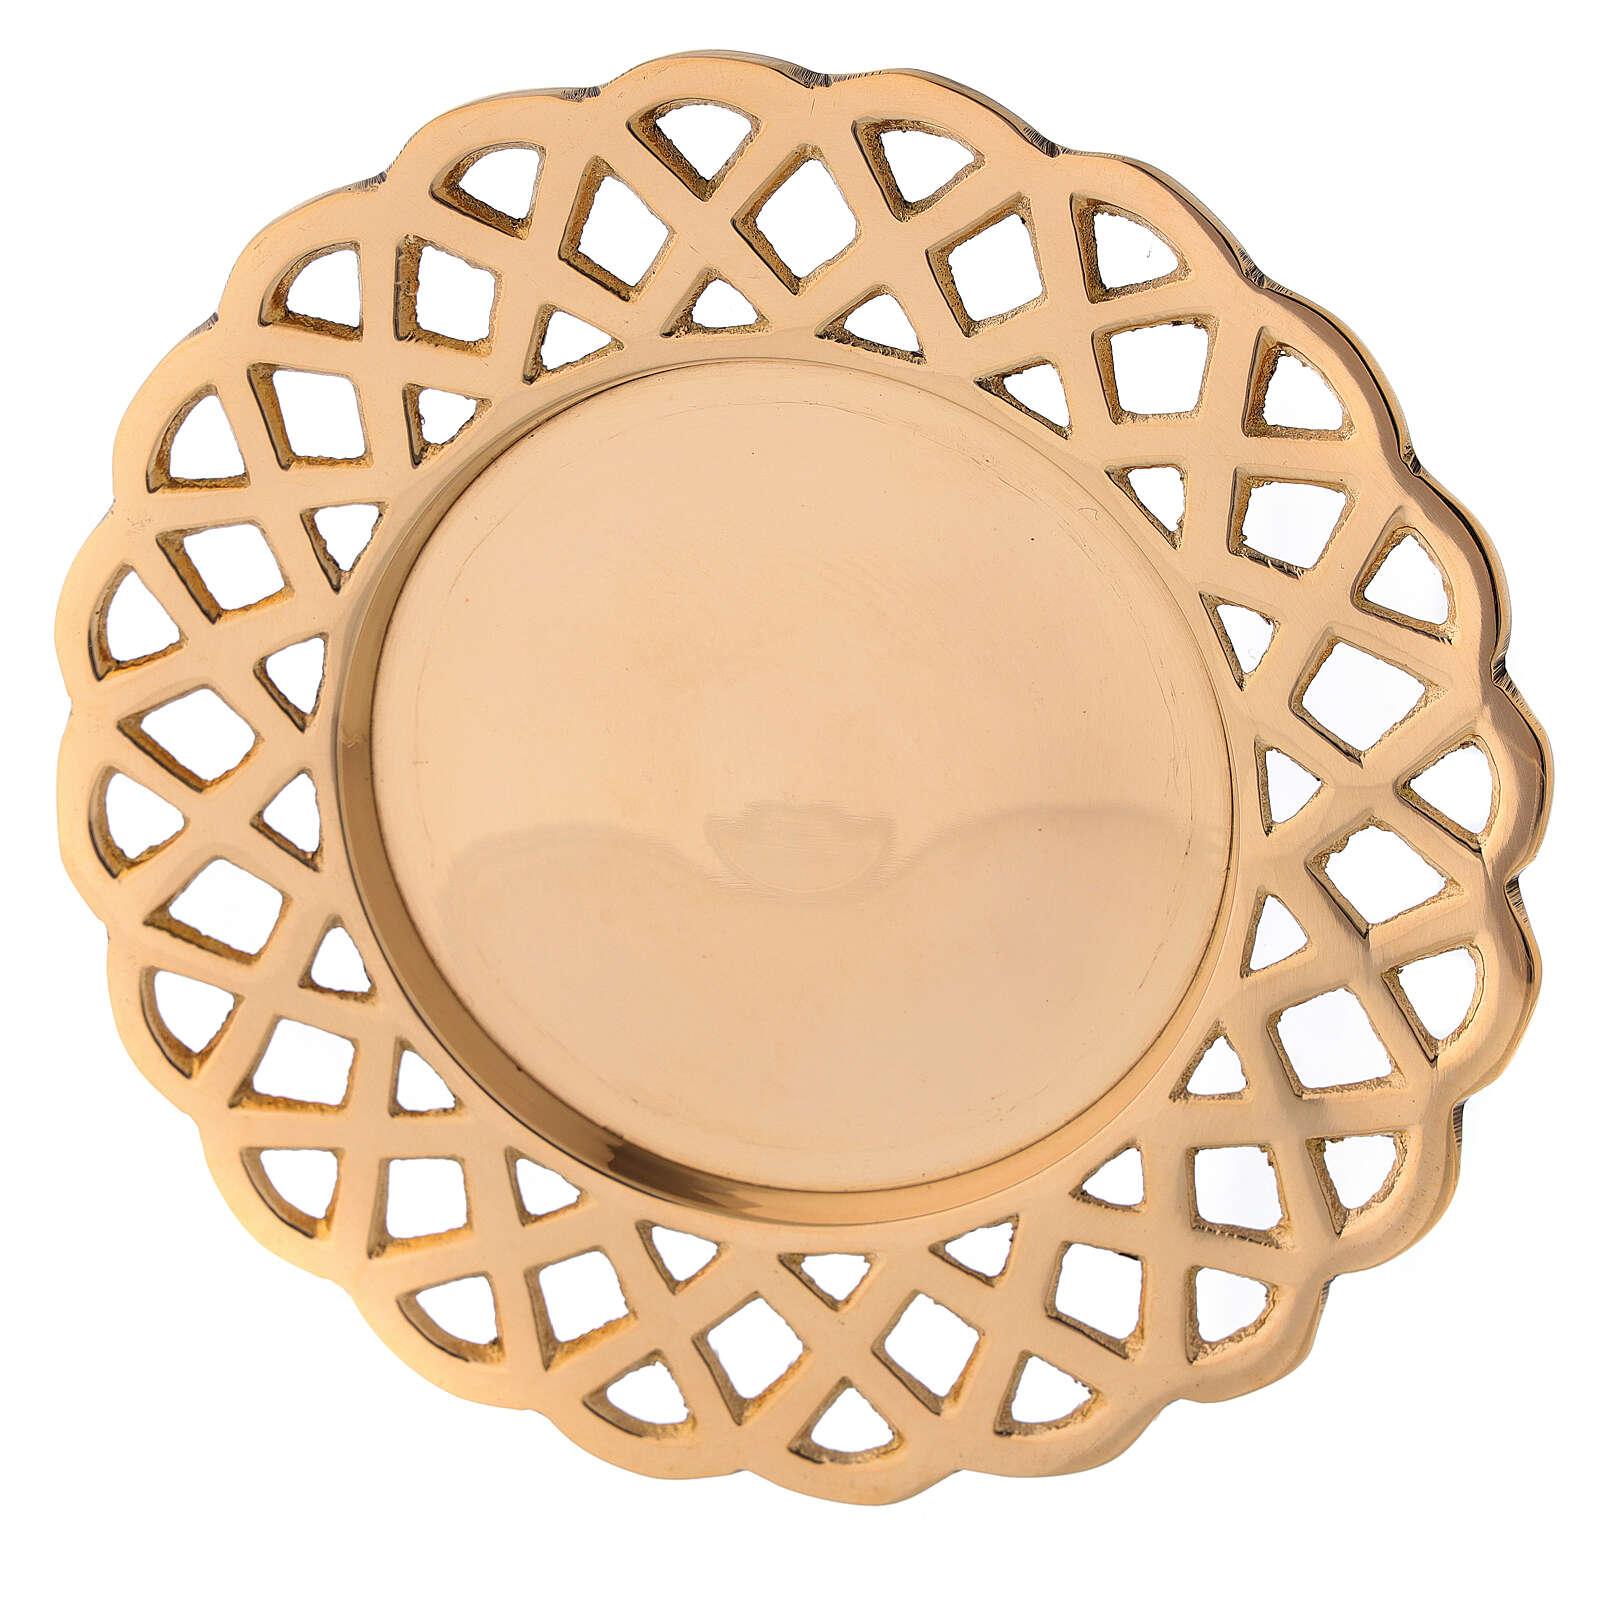 Plato portavela bordes perforados latón dorado 3